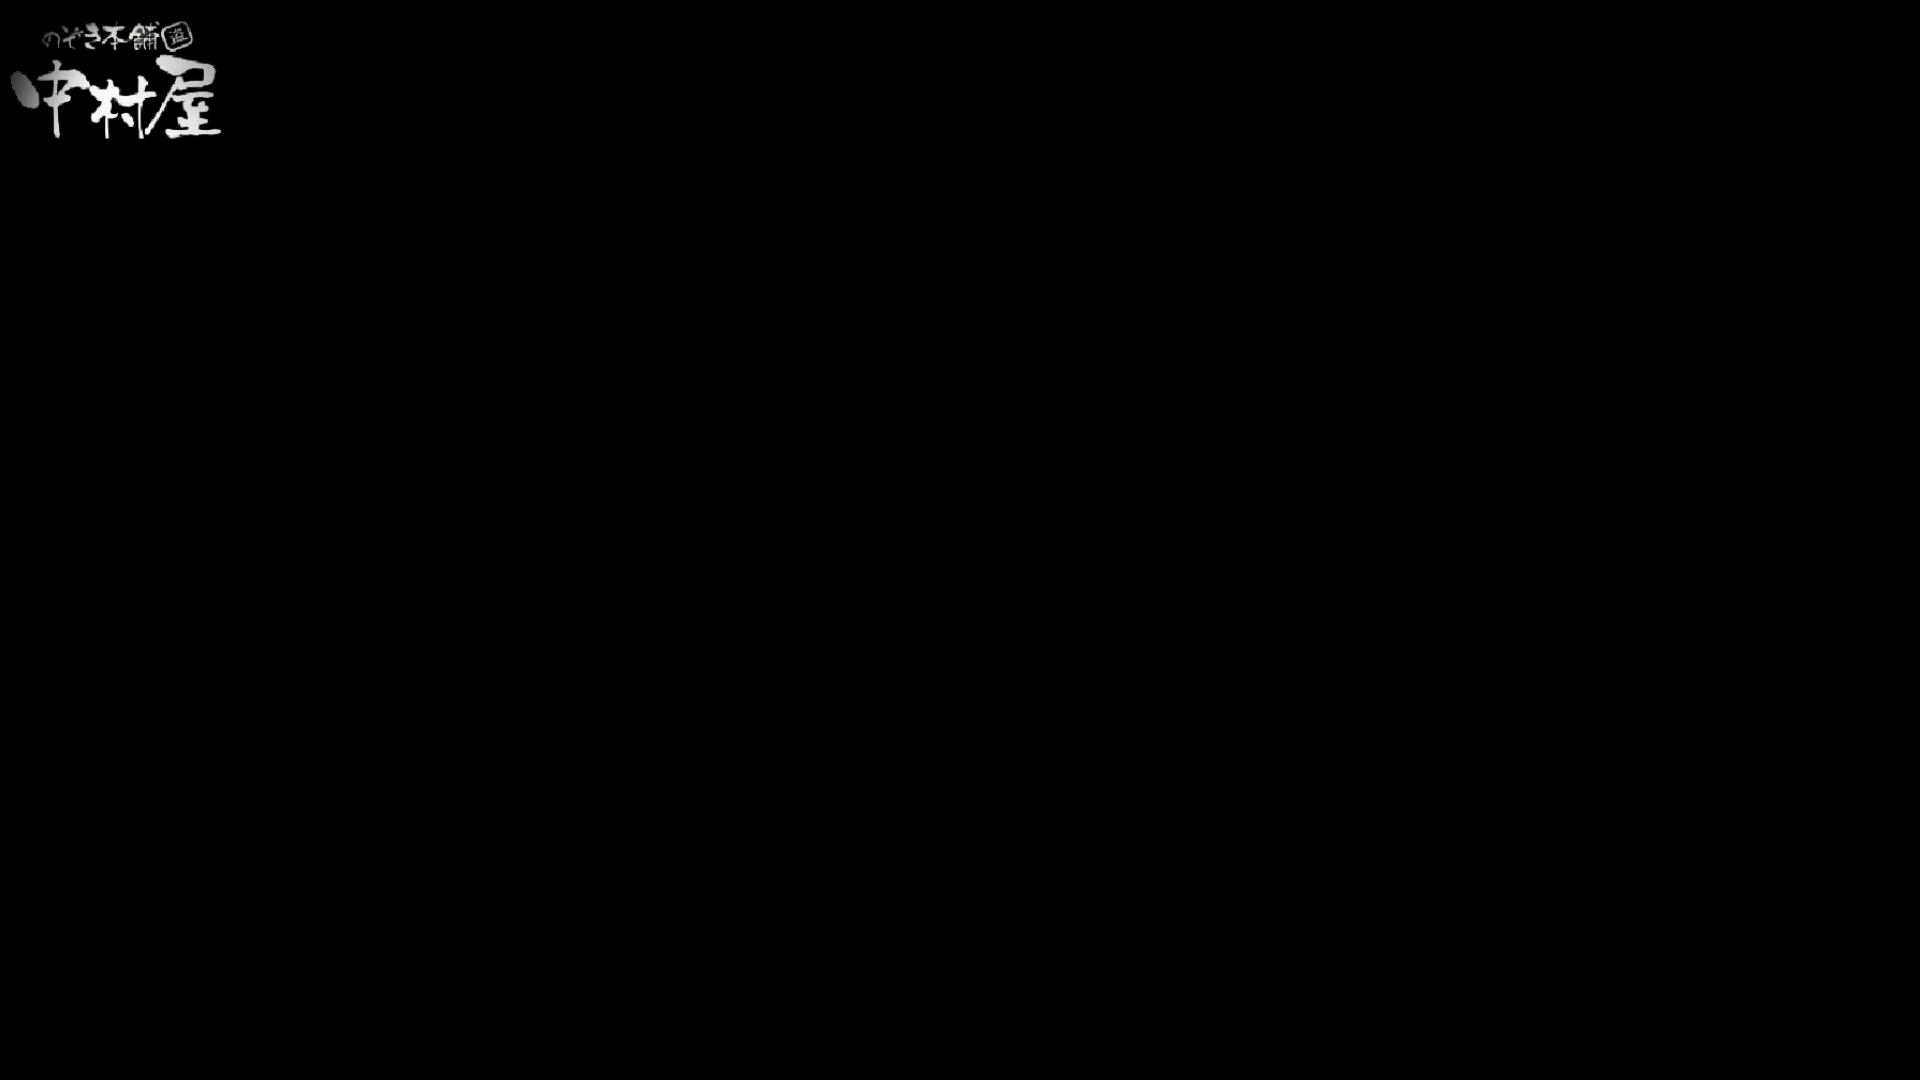 雅さんが厳選新年特別コンテンツ!激走!東京マラソン選手専用女子トイレvol.9 排泄隠し撮り 覗きおまんこ画像 101pic 21